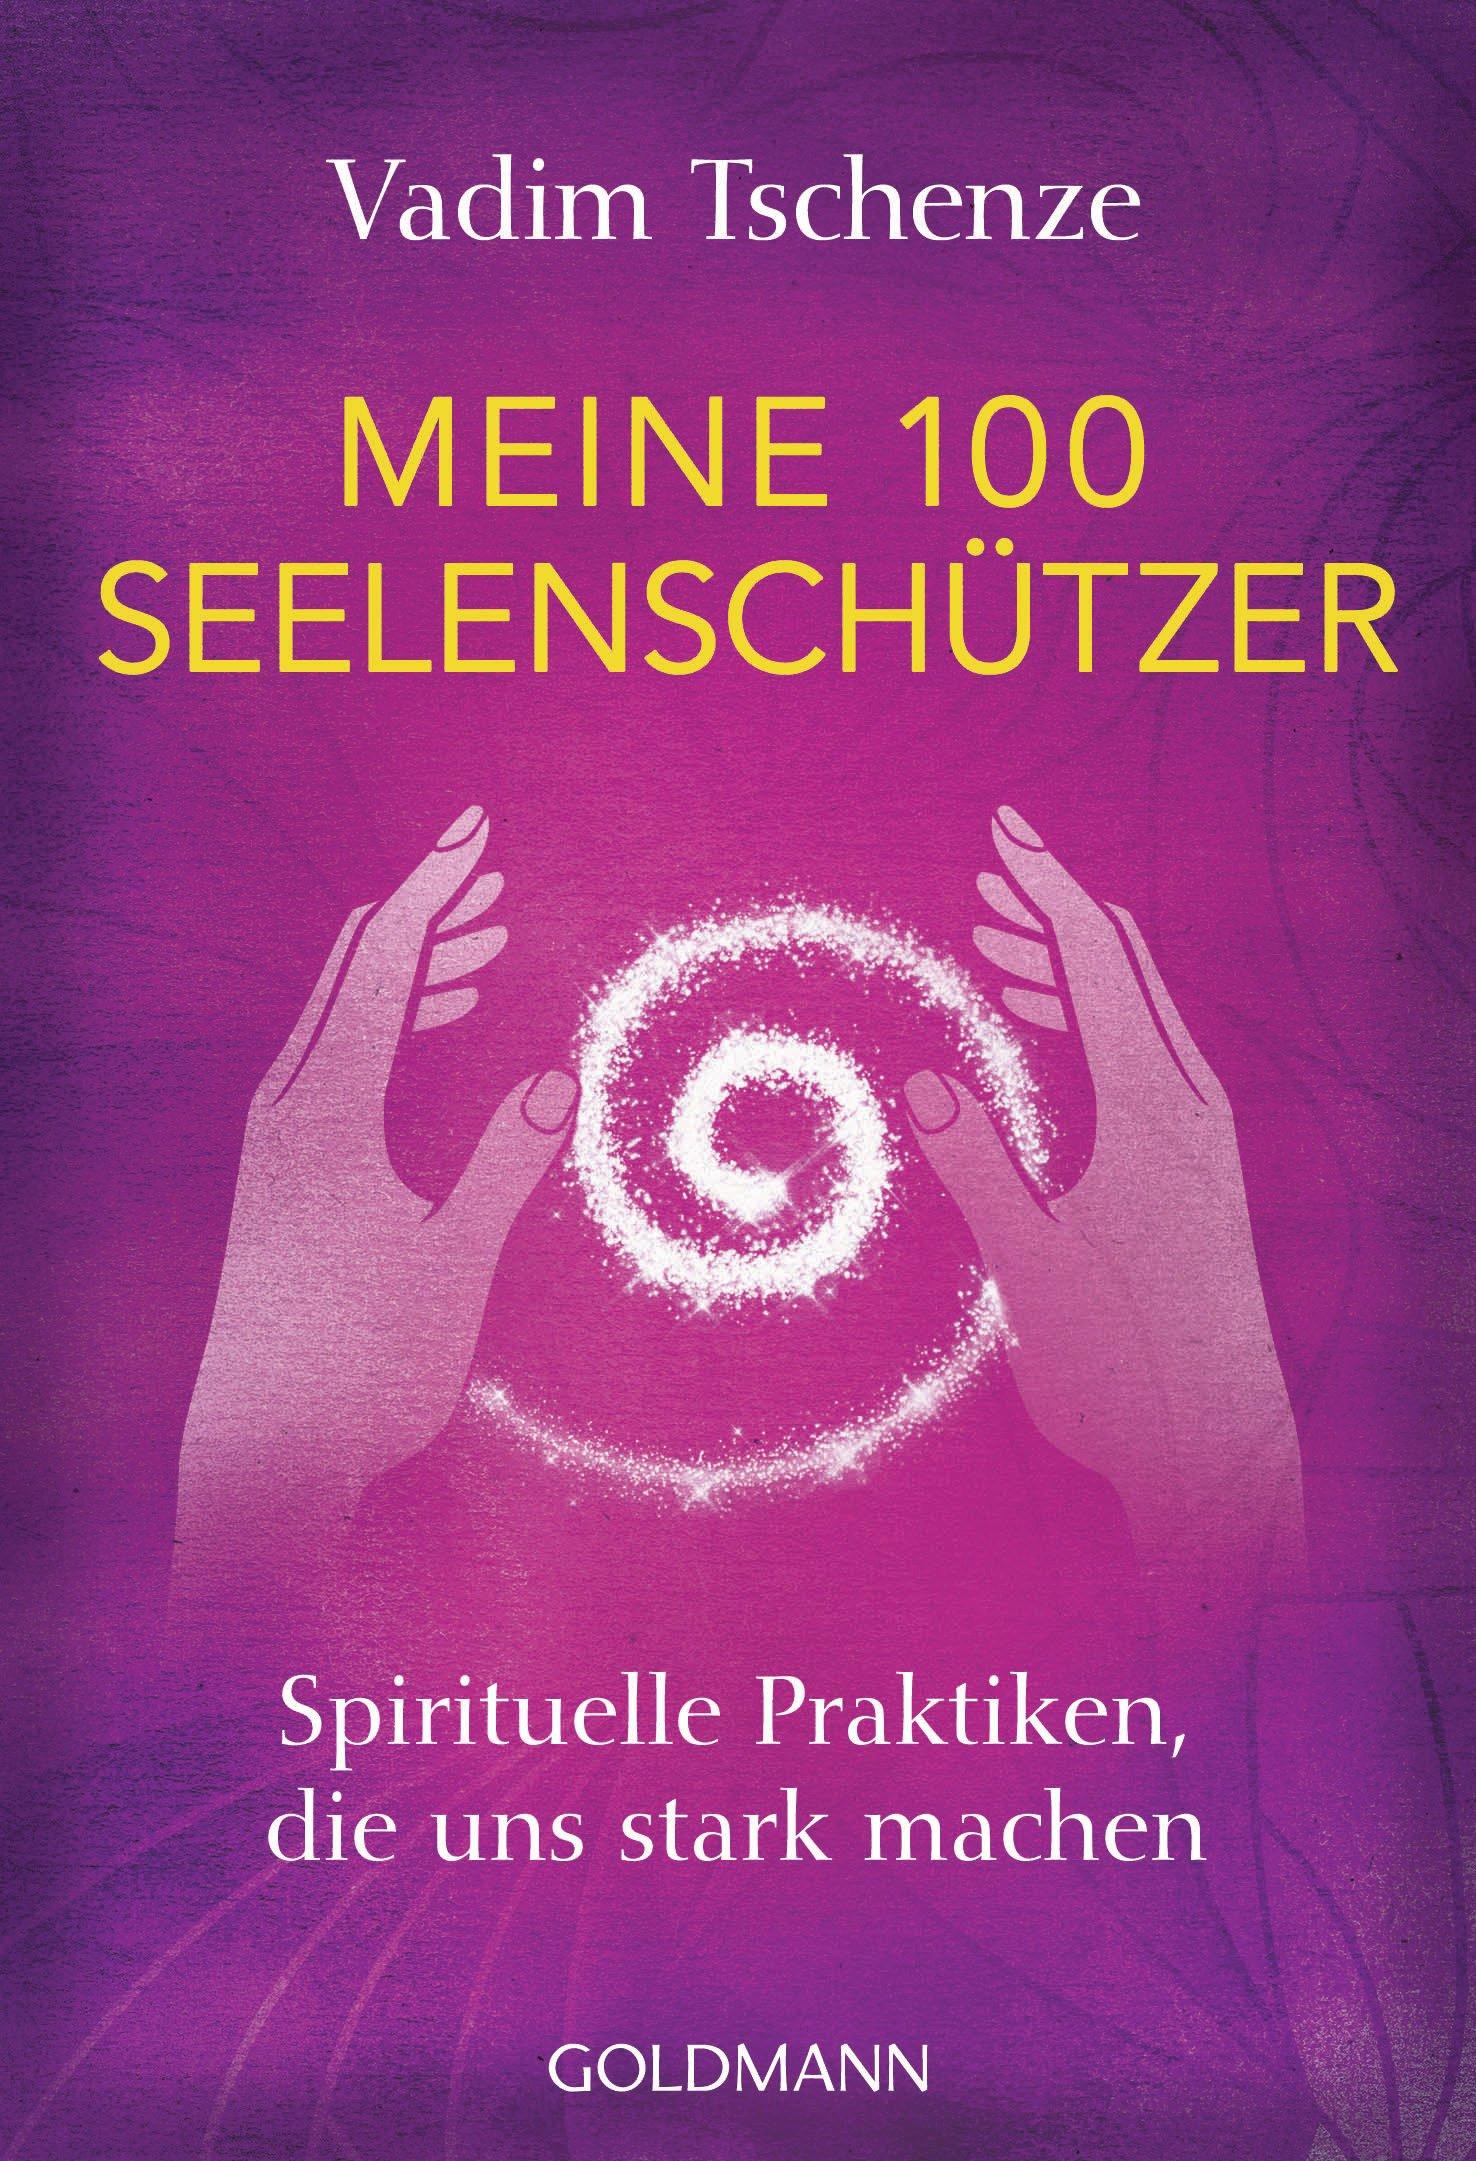 Meine 100 Seelenschützer: Spirituelle Praktiken, die uns stark machen Taschenbuch – 20. August 2018 Vadim Tschenze Goldmann Verlag 3442222435 Chakra